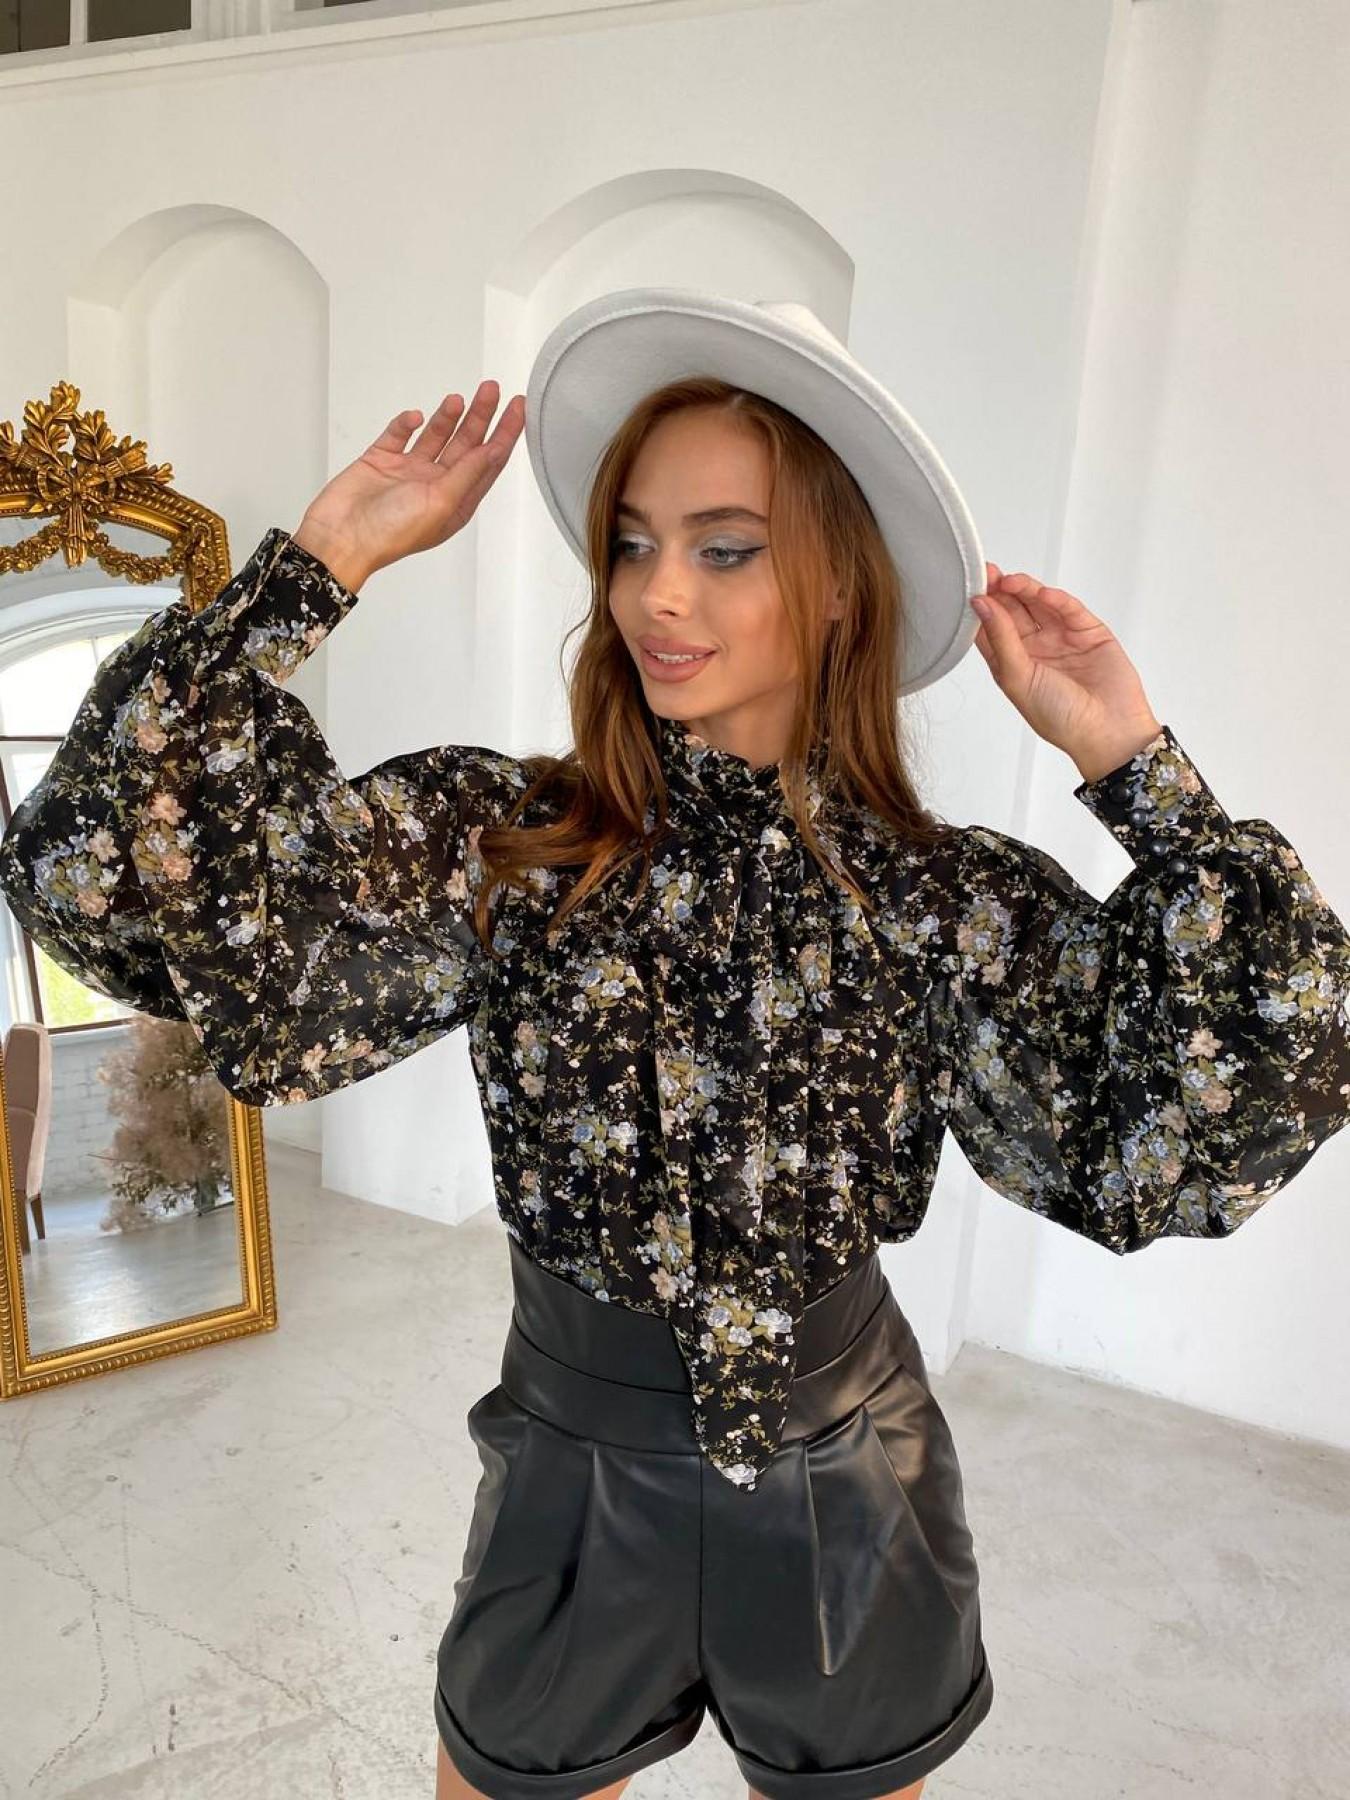 Аметист д/р шифон принт блуза 11724 АРТ. 48425 Цвет: Черный/ЦветыМелБукет - фото 3, интернет магазин tm-modus.ru